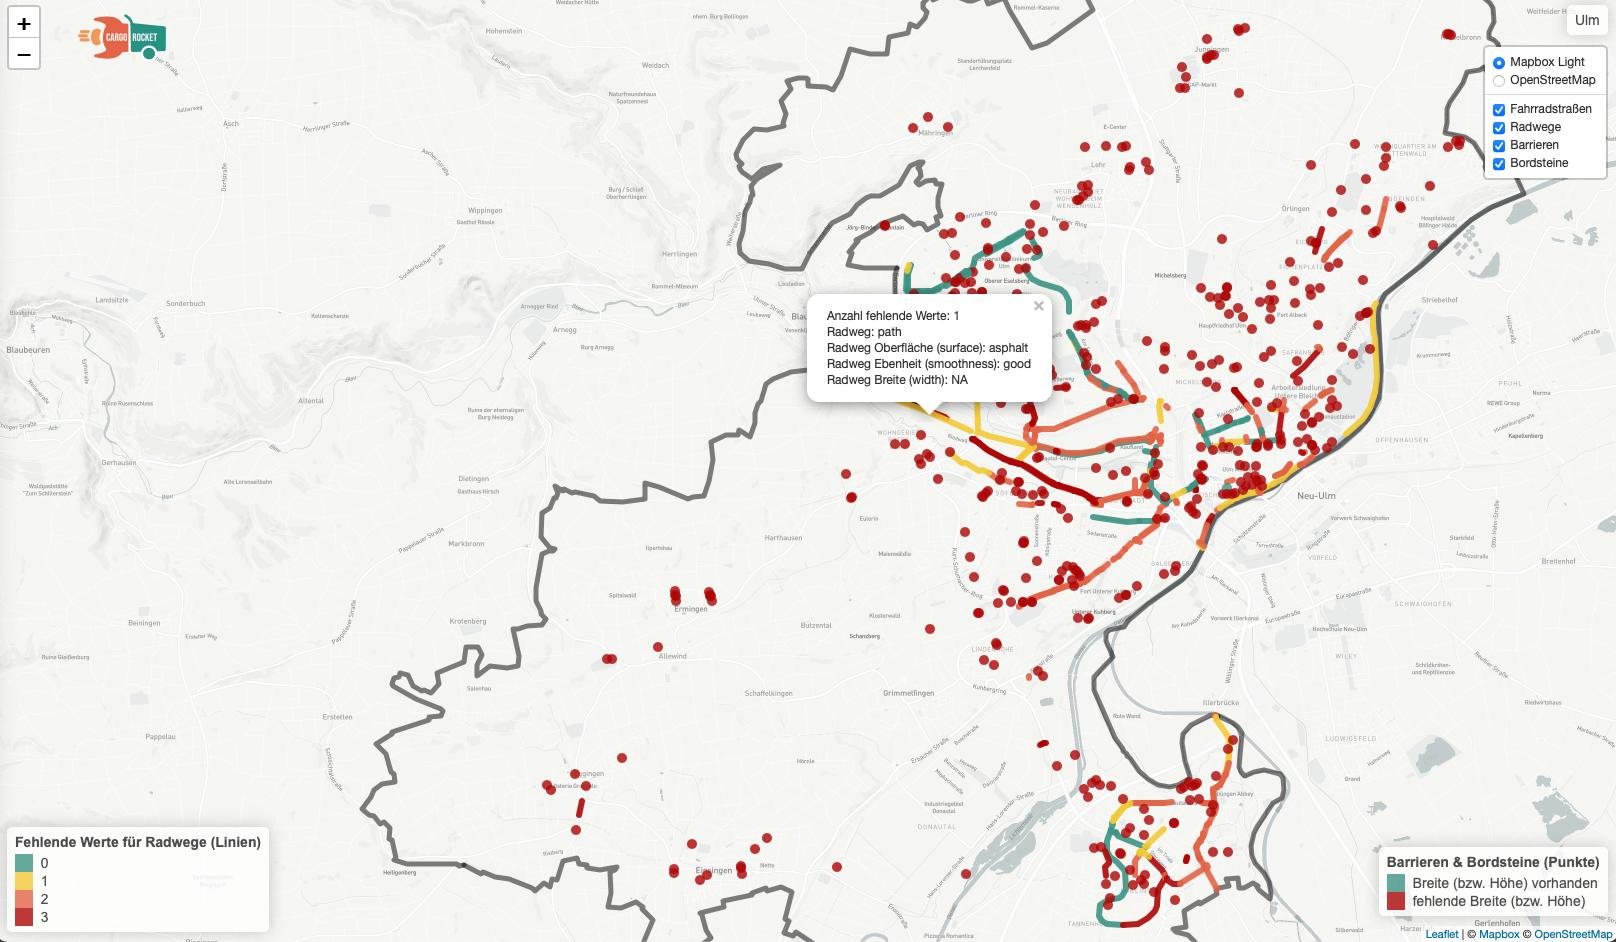 DIe Cargobike-Index-Karte von Ulm zeigt, welche Straßen und Orte beim Mapathon erfasst wurden, aber auch, wo noch welche Daten fehlen. Screenshot: Emmett